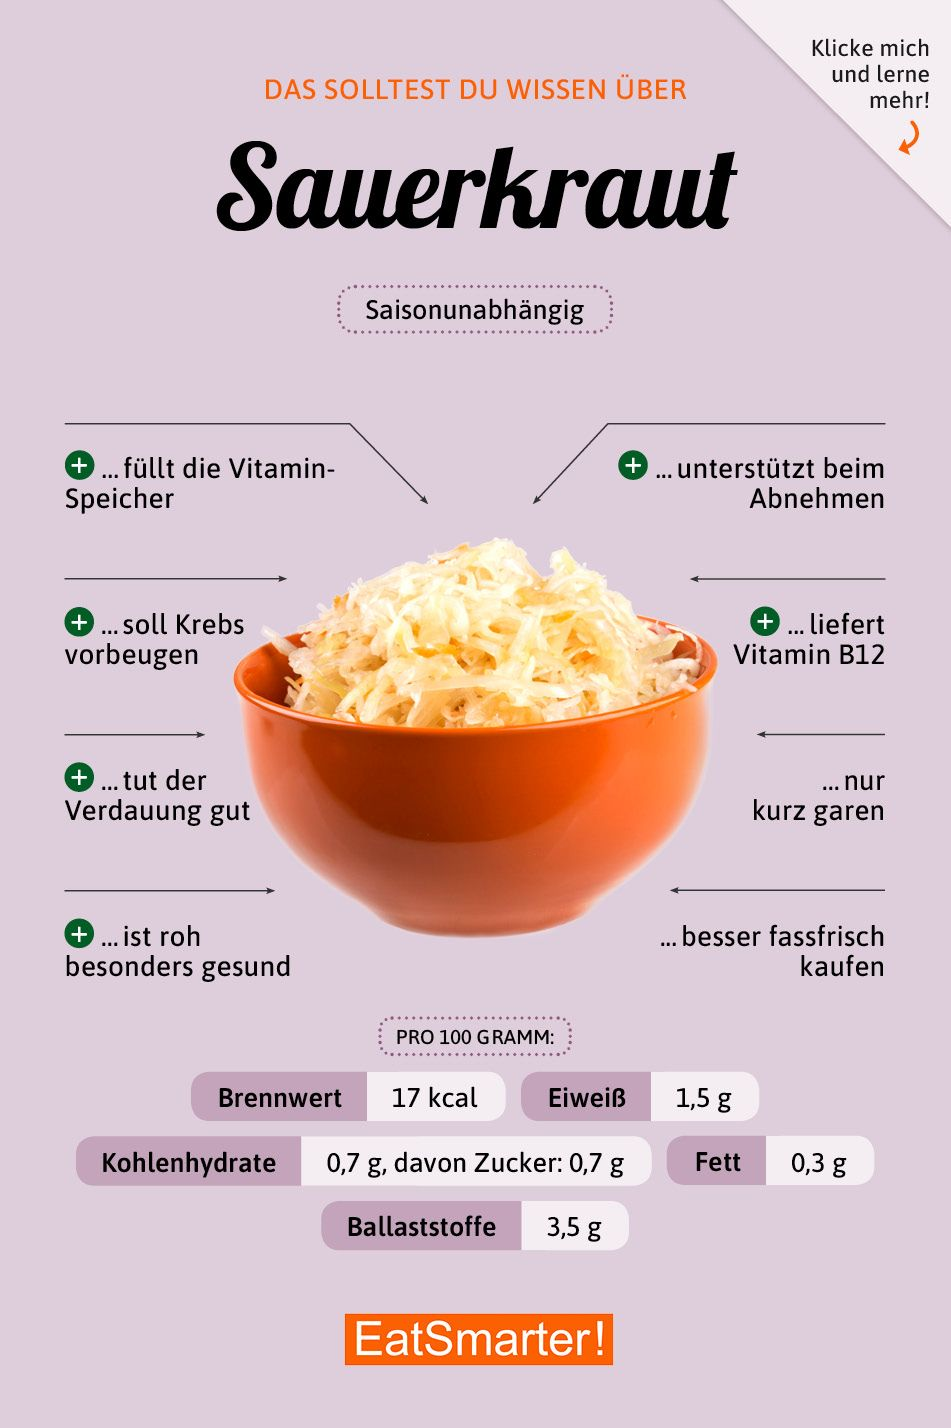 Sauerkraut | Pinterest | Vocabulaire, Langue et Anatomie